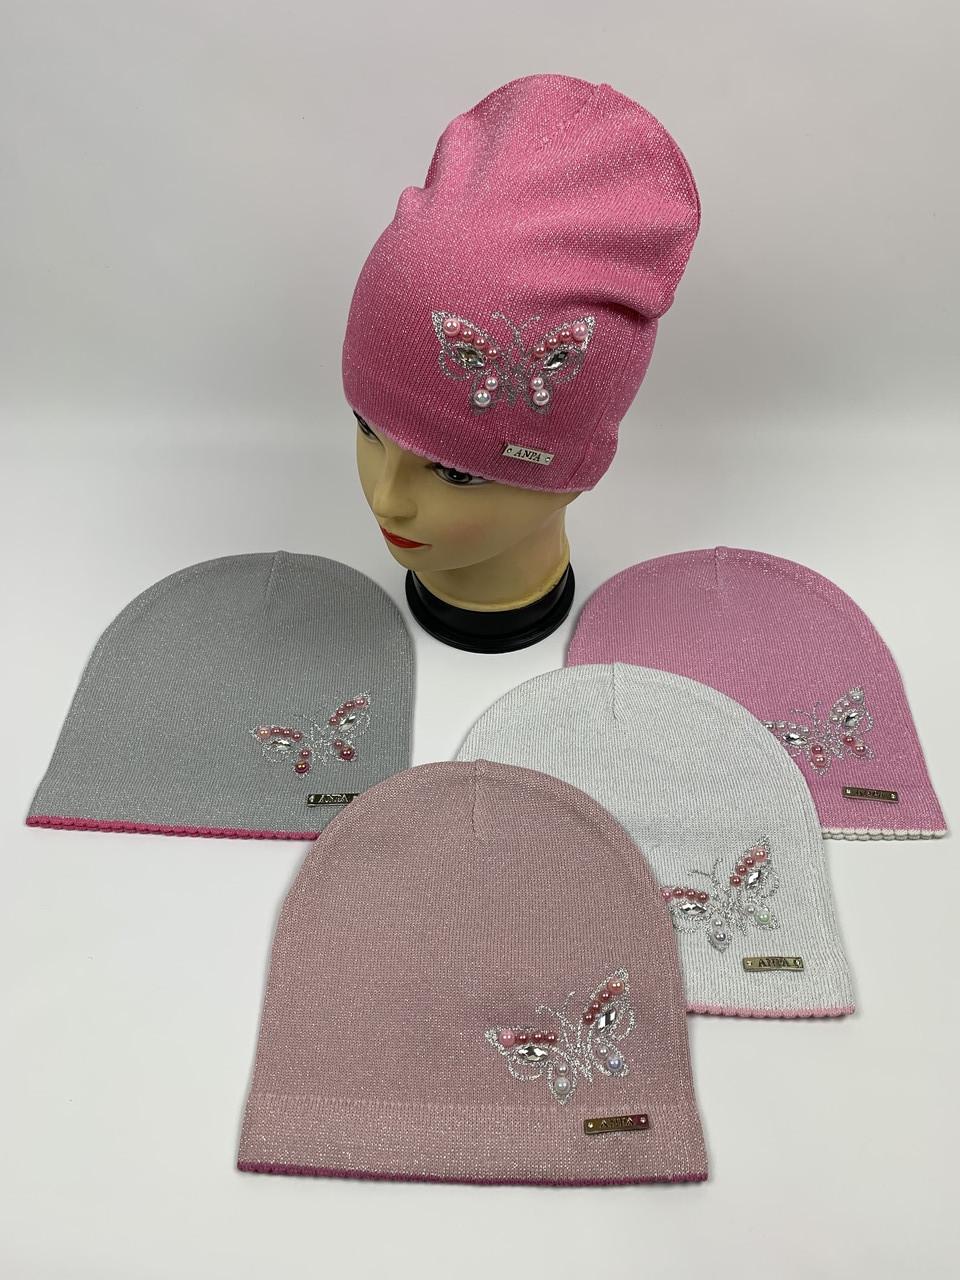 Детские демисезонные вязаные шапки для девочек оптом, р.48-50, ANPA (m21)